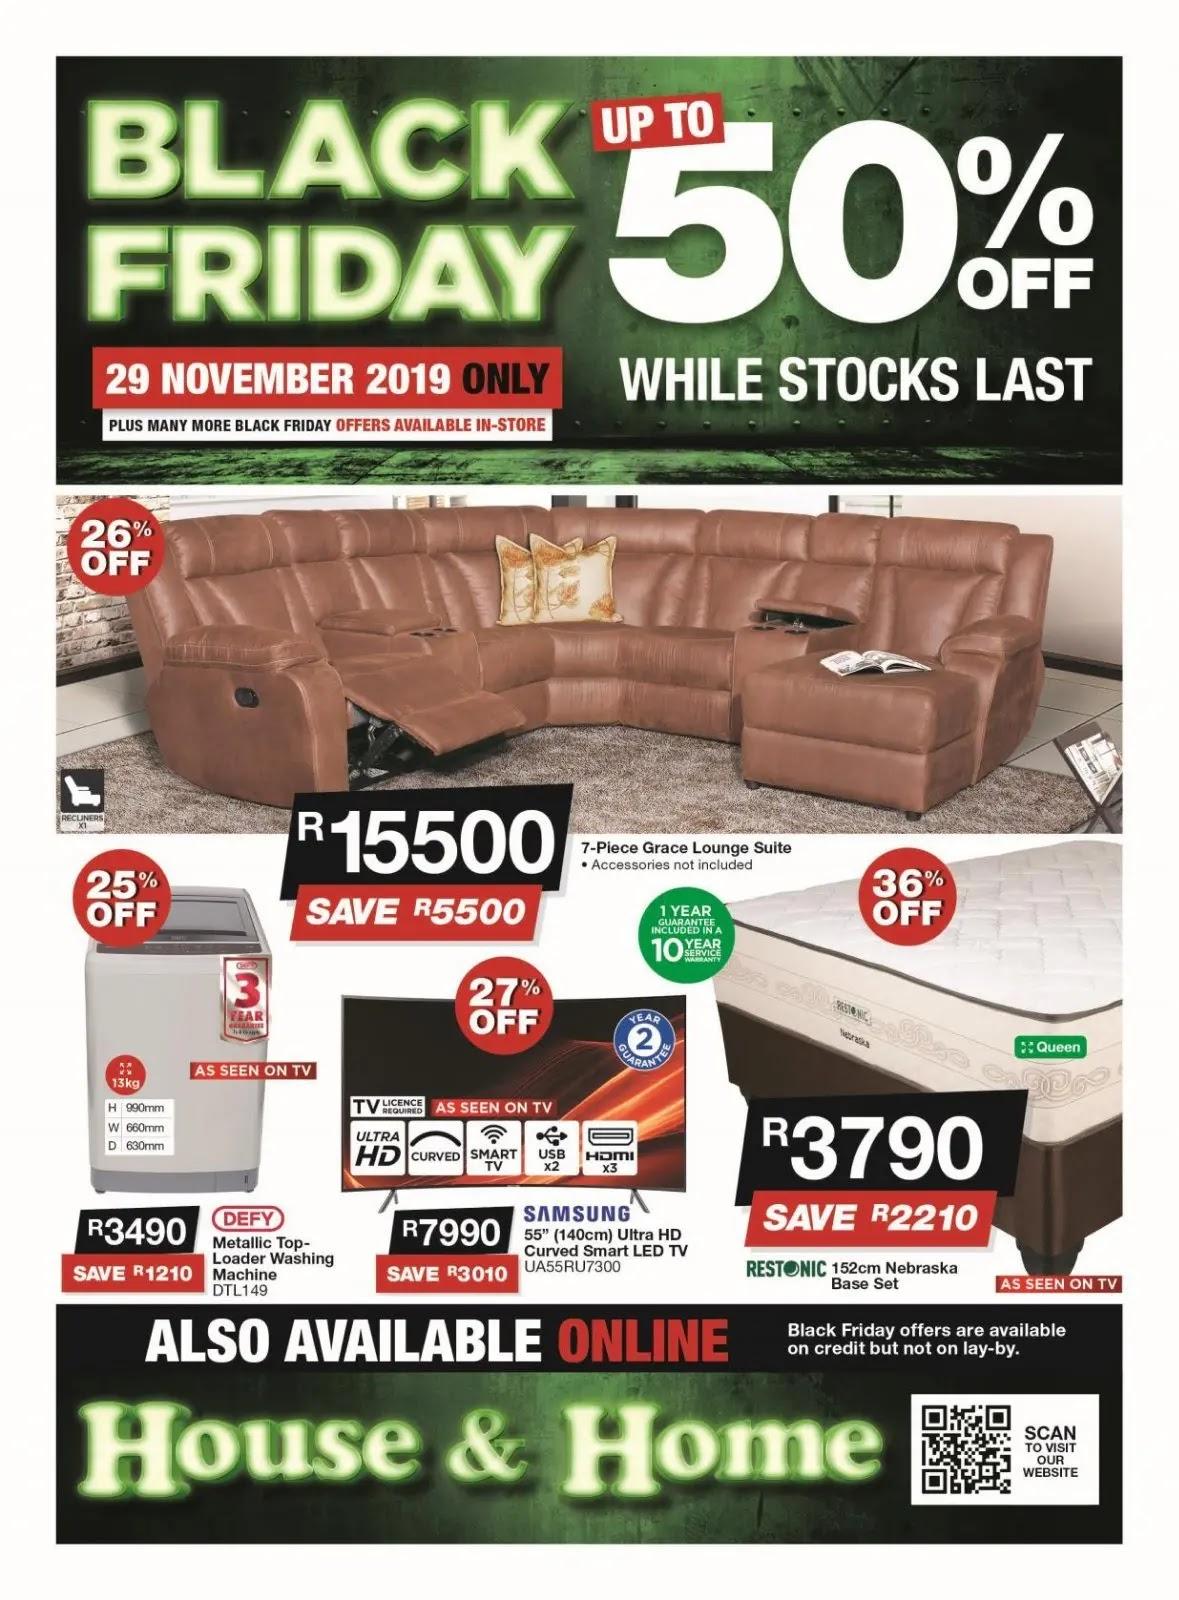 Ofertas de Black Friday de House & Home Página 1